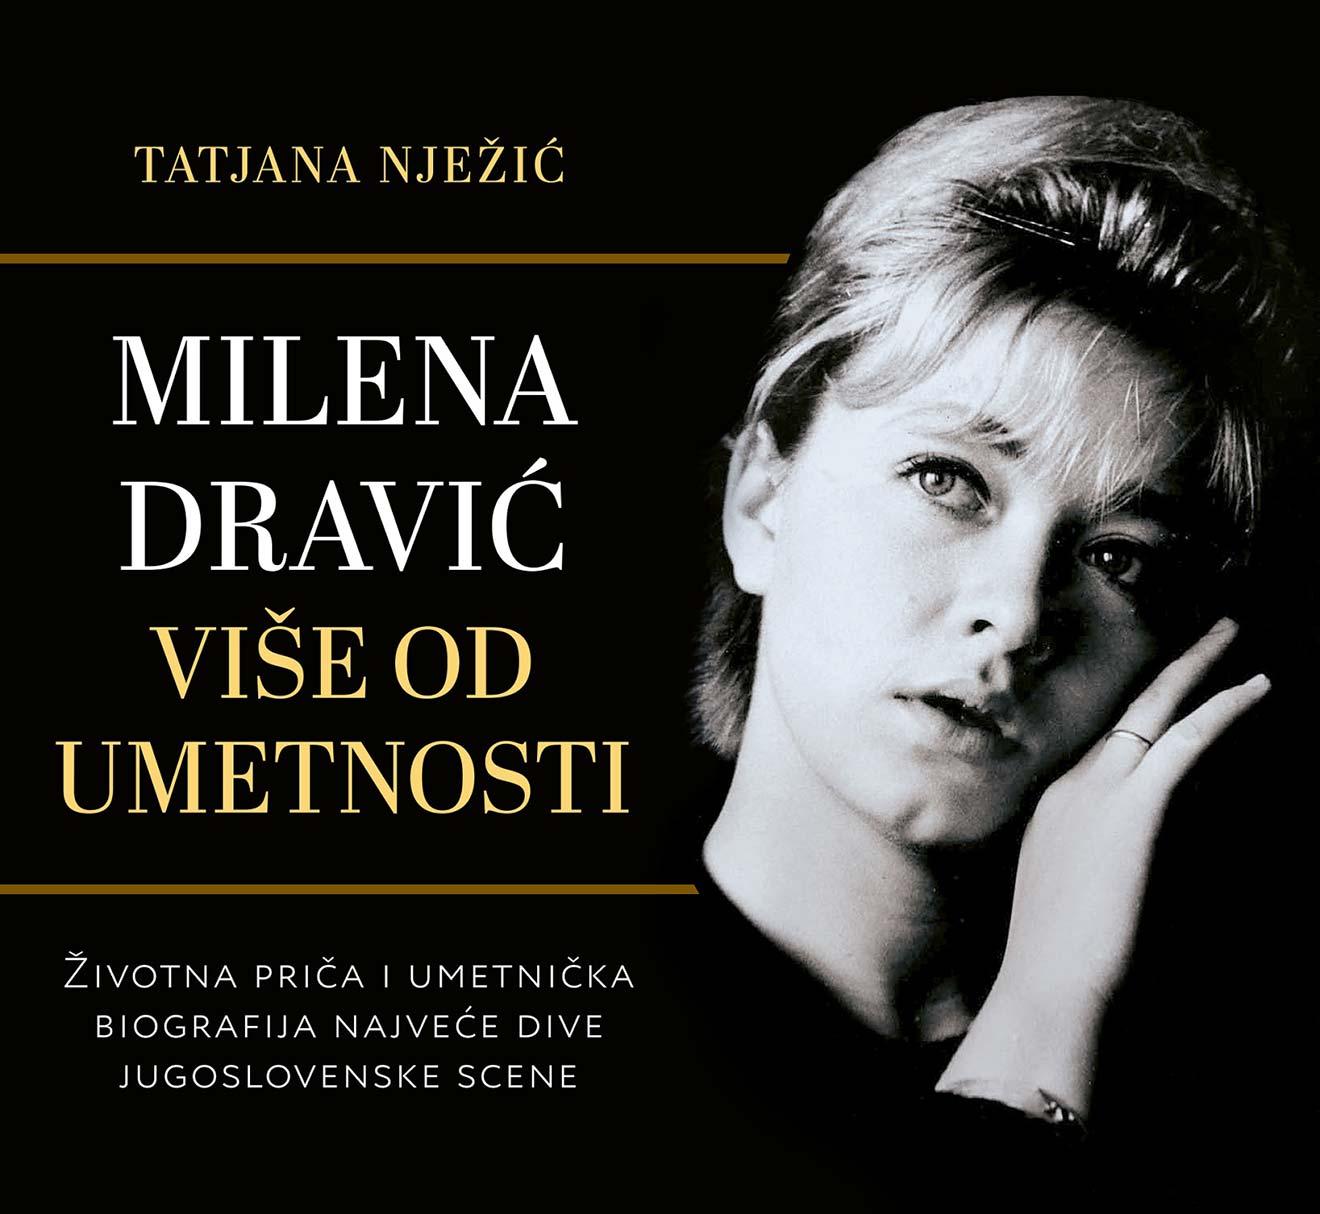 Milena-Dravic-Vise od umetnosti-feat